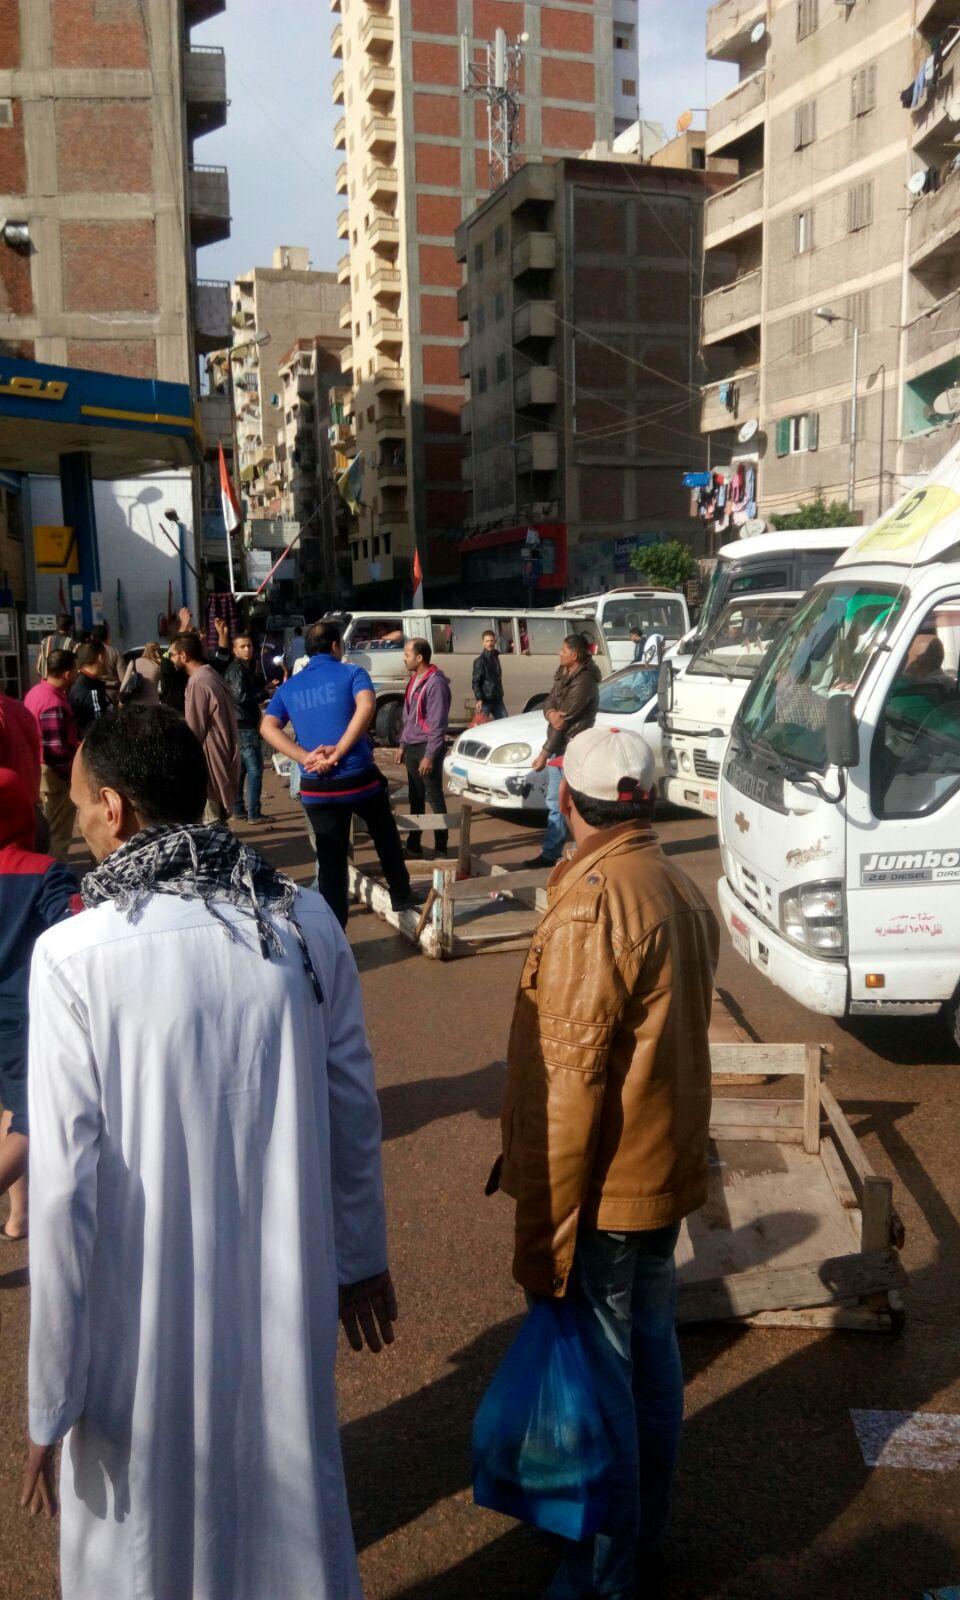 بالصور.. مواطنون يقطعون طريقا في الإسكندرية احتجاجًا على دخول الأمطار منازلهم